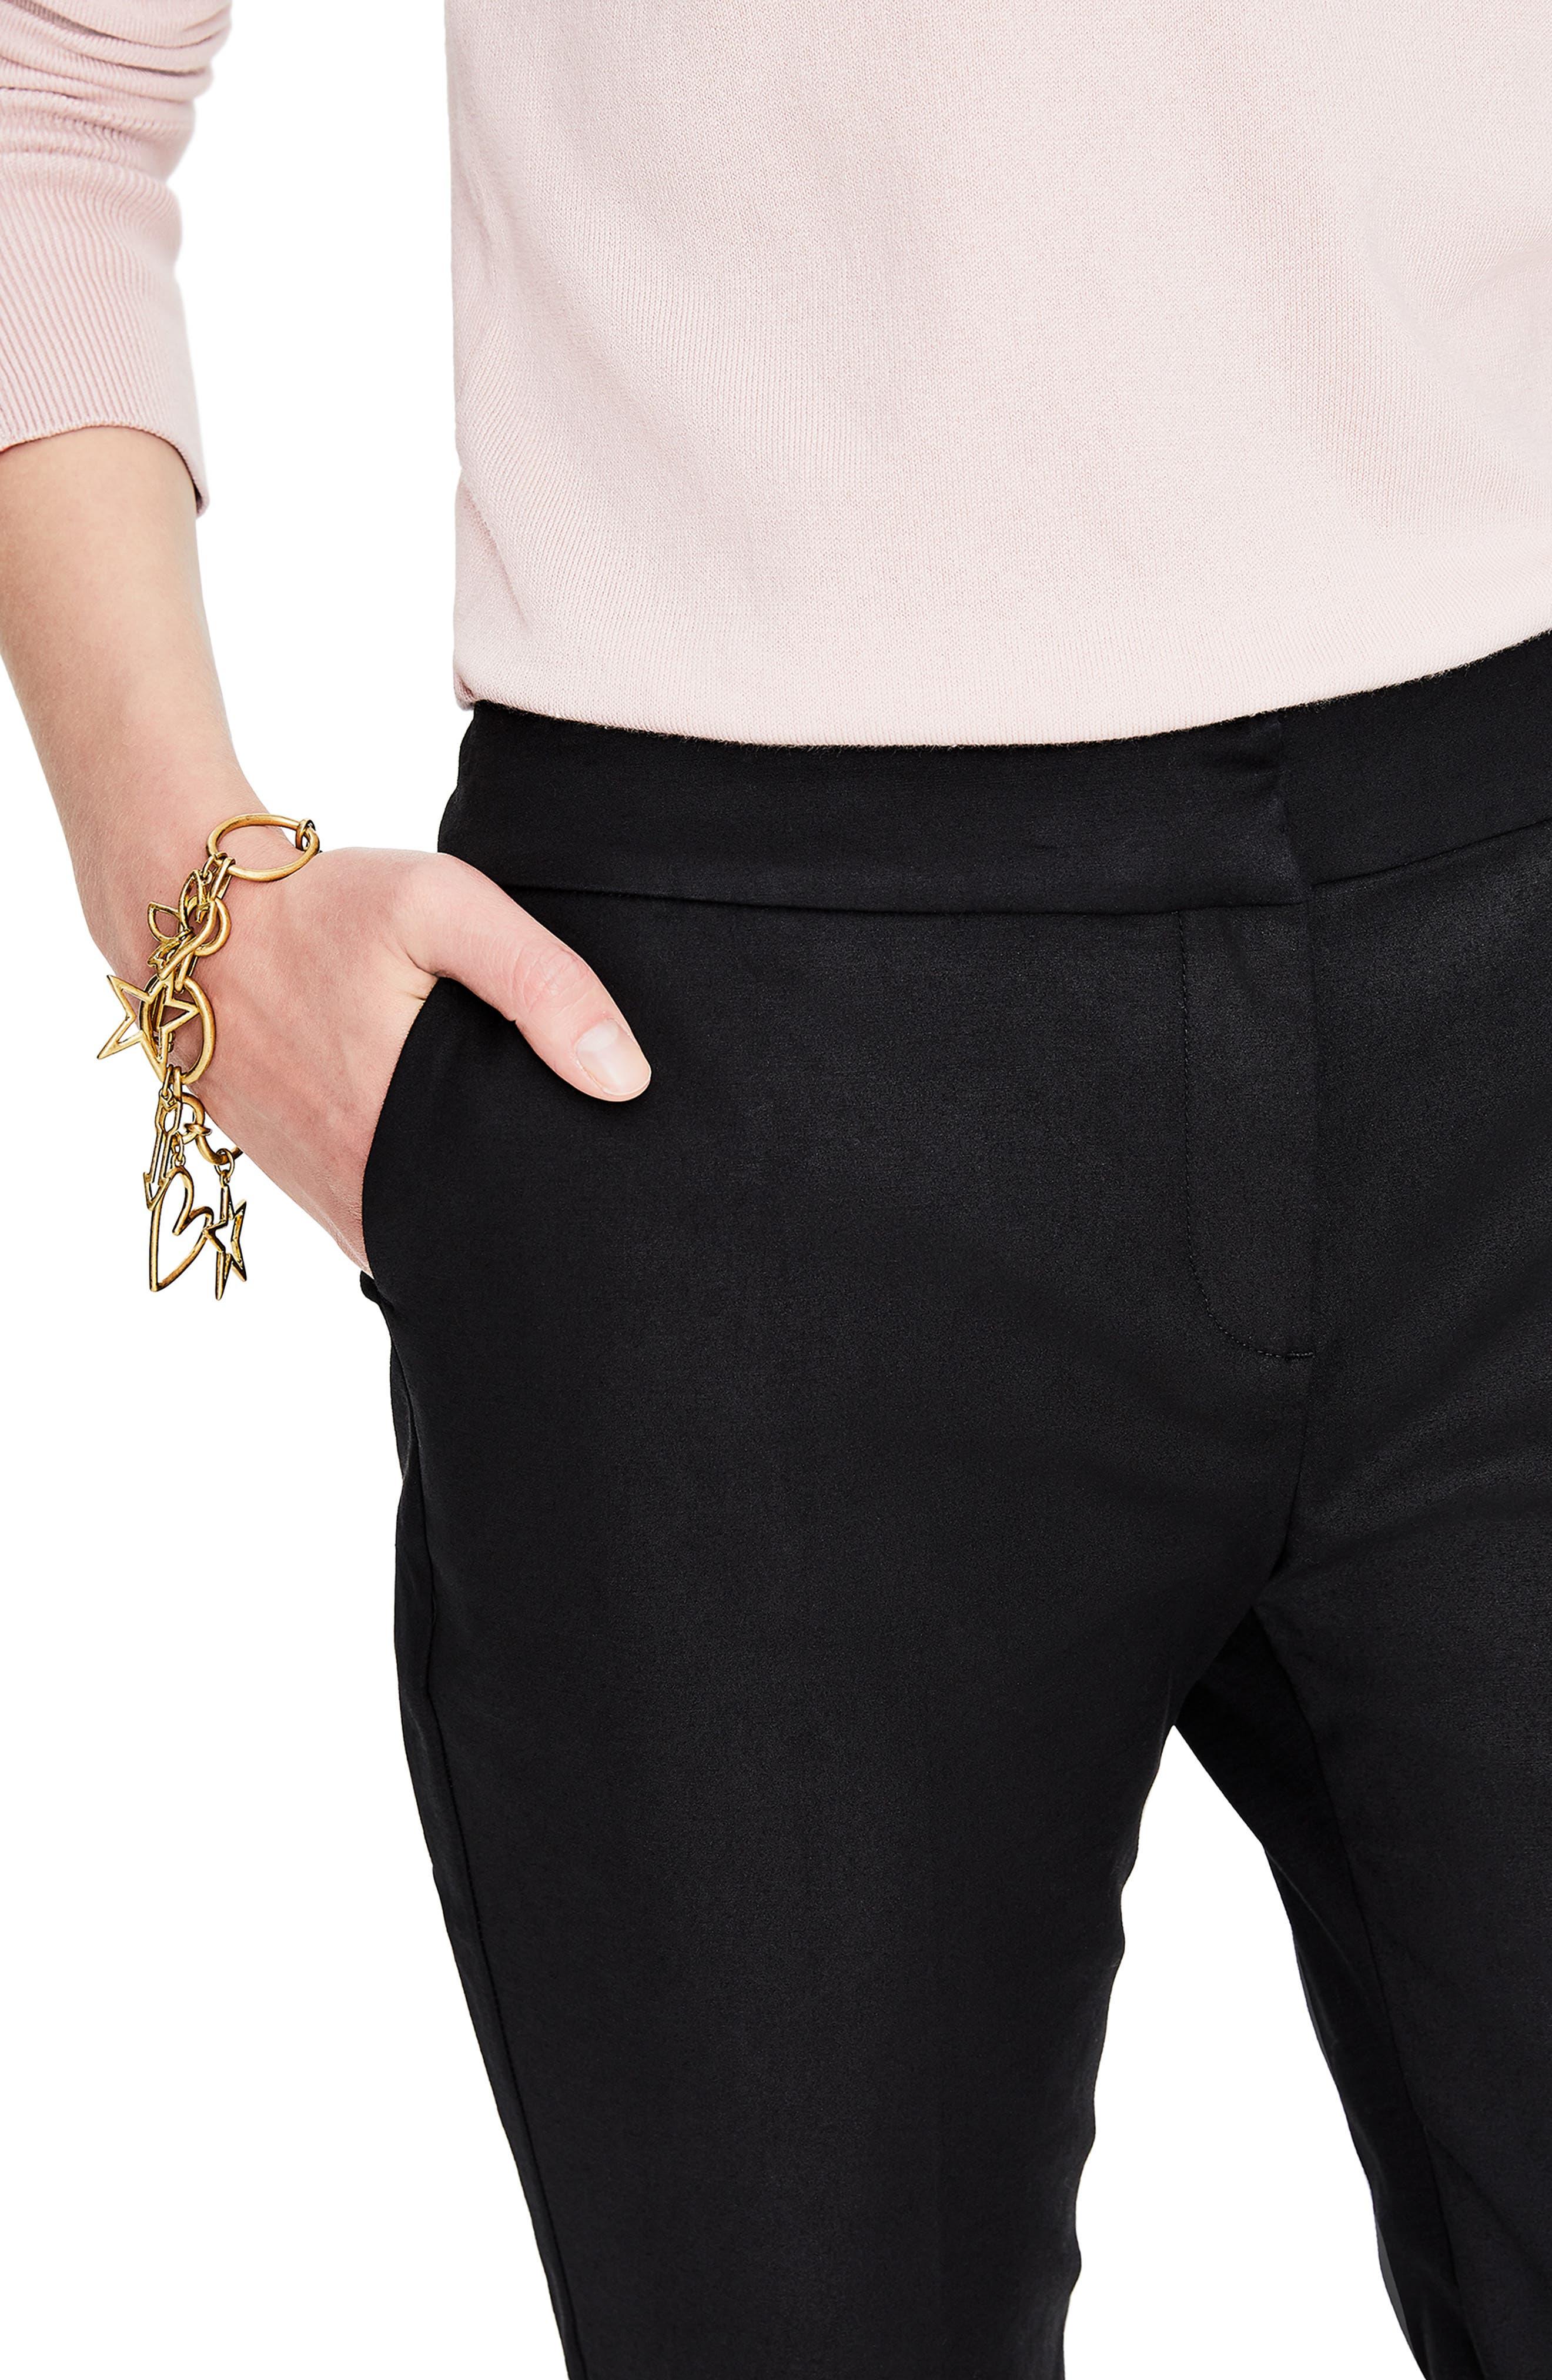 Richmond Stretch Cotton Trousers,                             Alternate thumbnail 4, color,                             BLACK